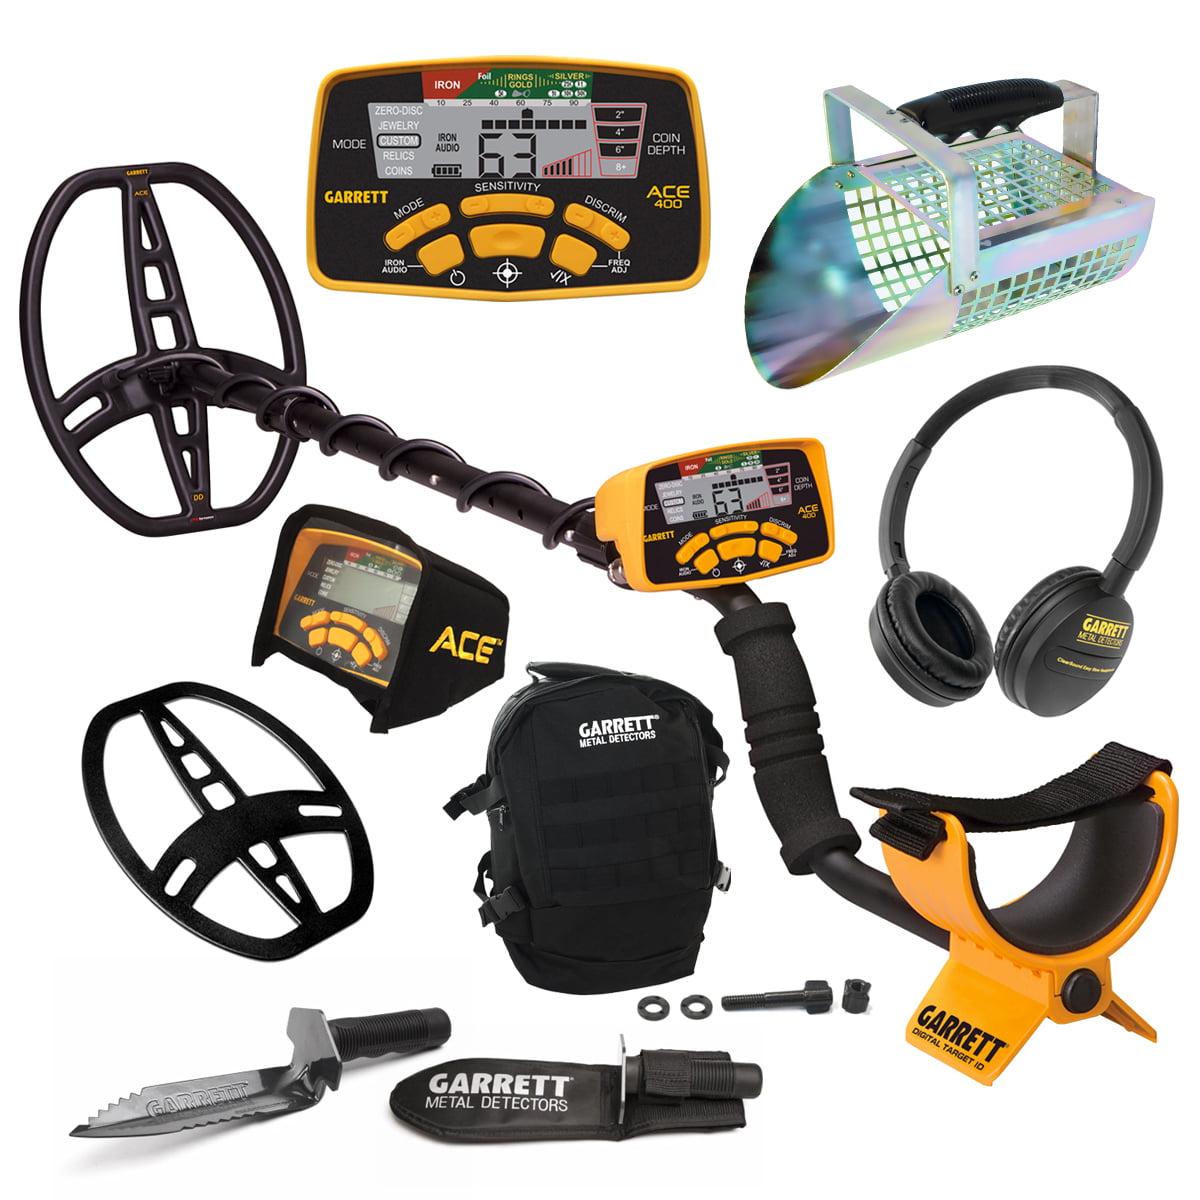 Garrett ACE 400 Metal Detector w/ DD Coil, Edge Digger, D...